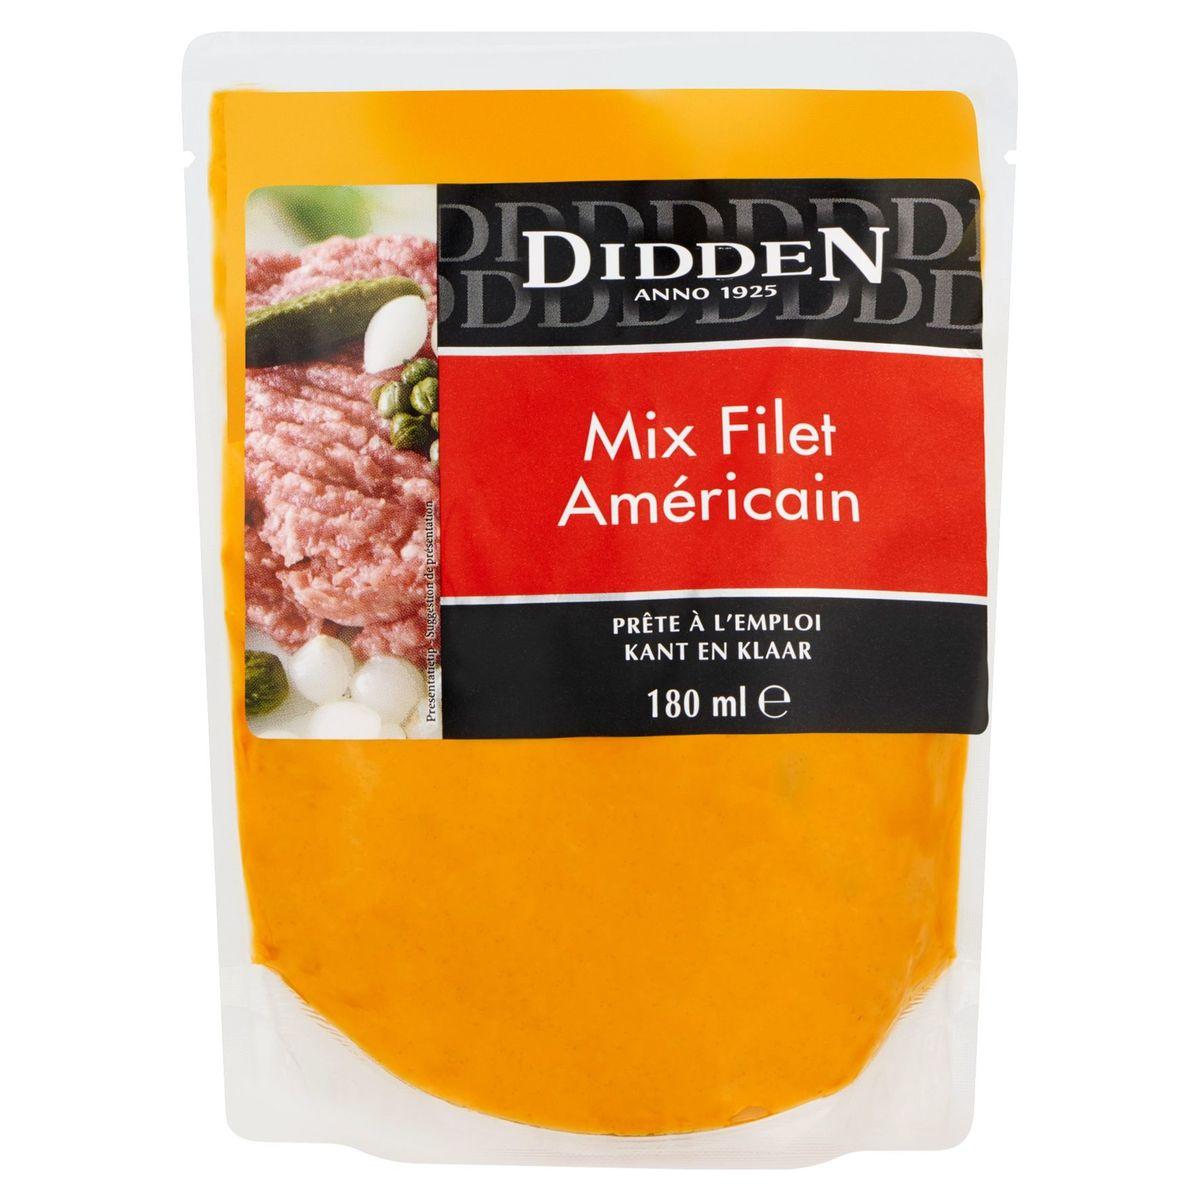 Didden Mix Filet Américain 180 ml